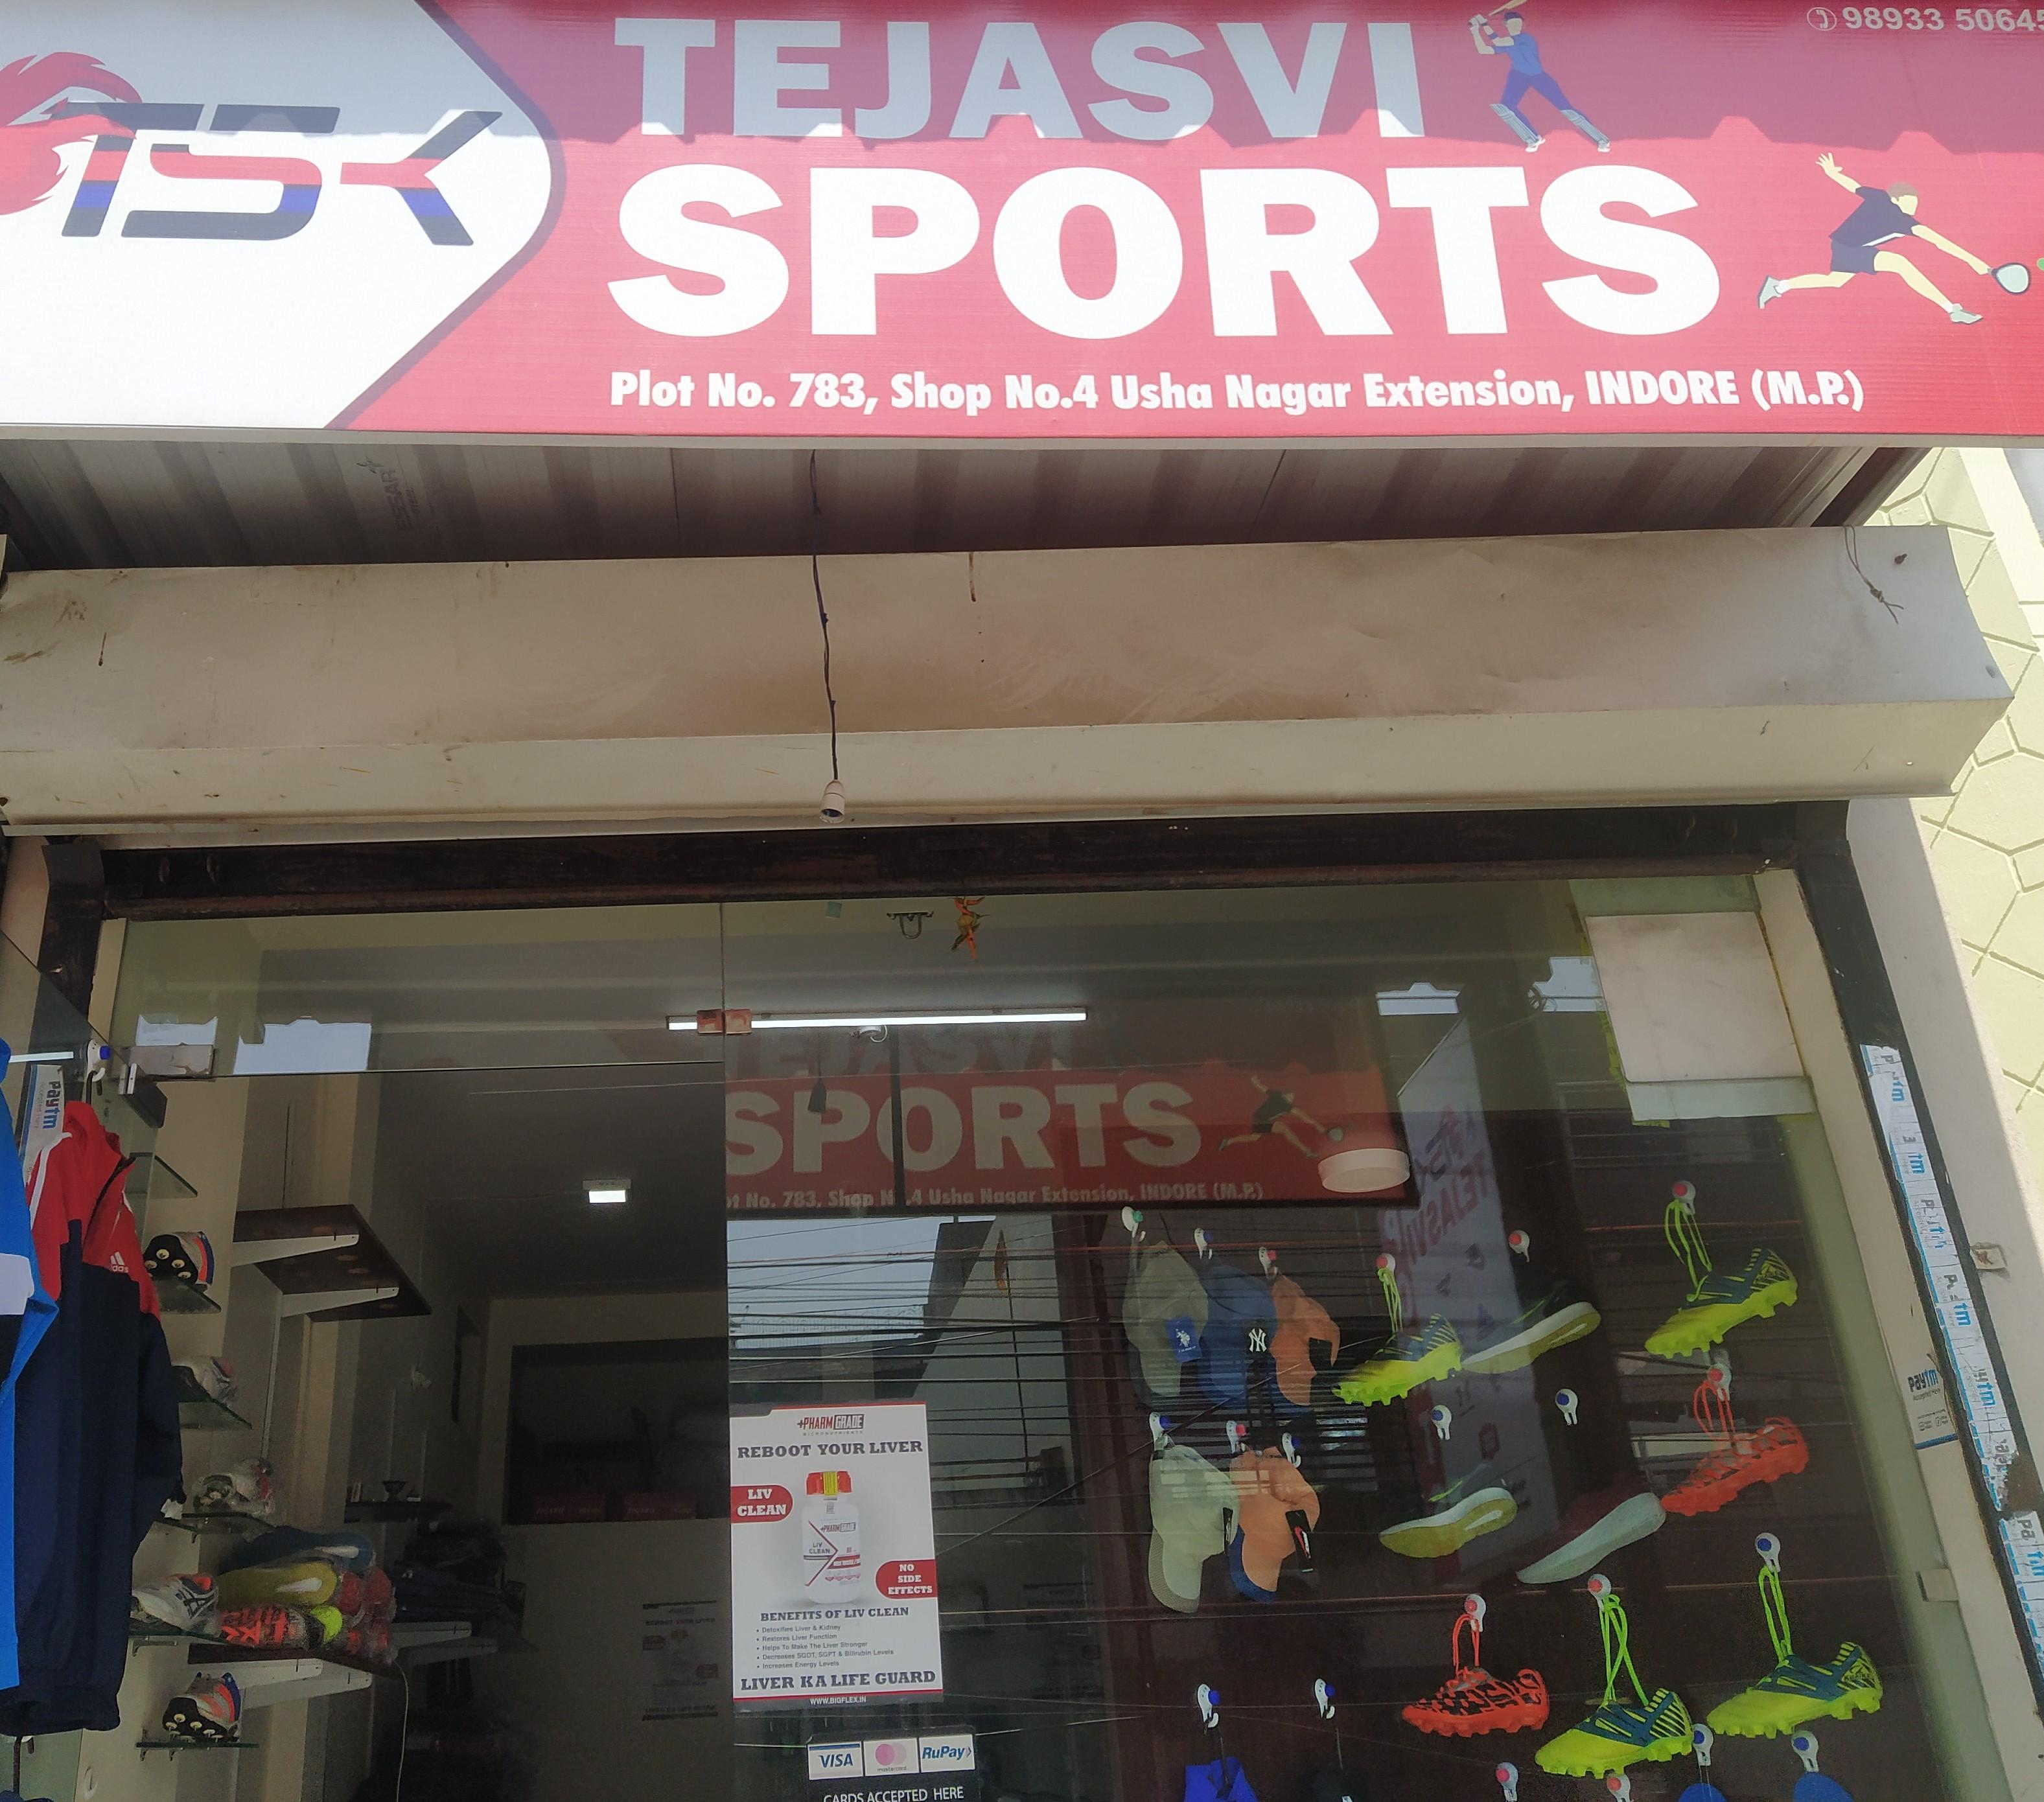 Tejasvi sports